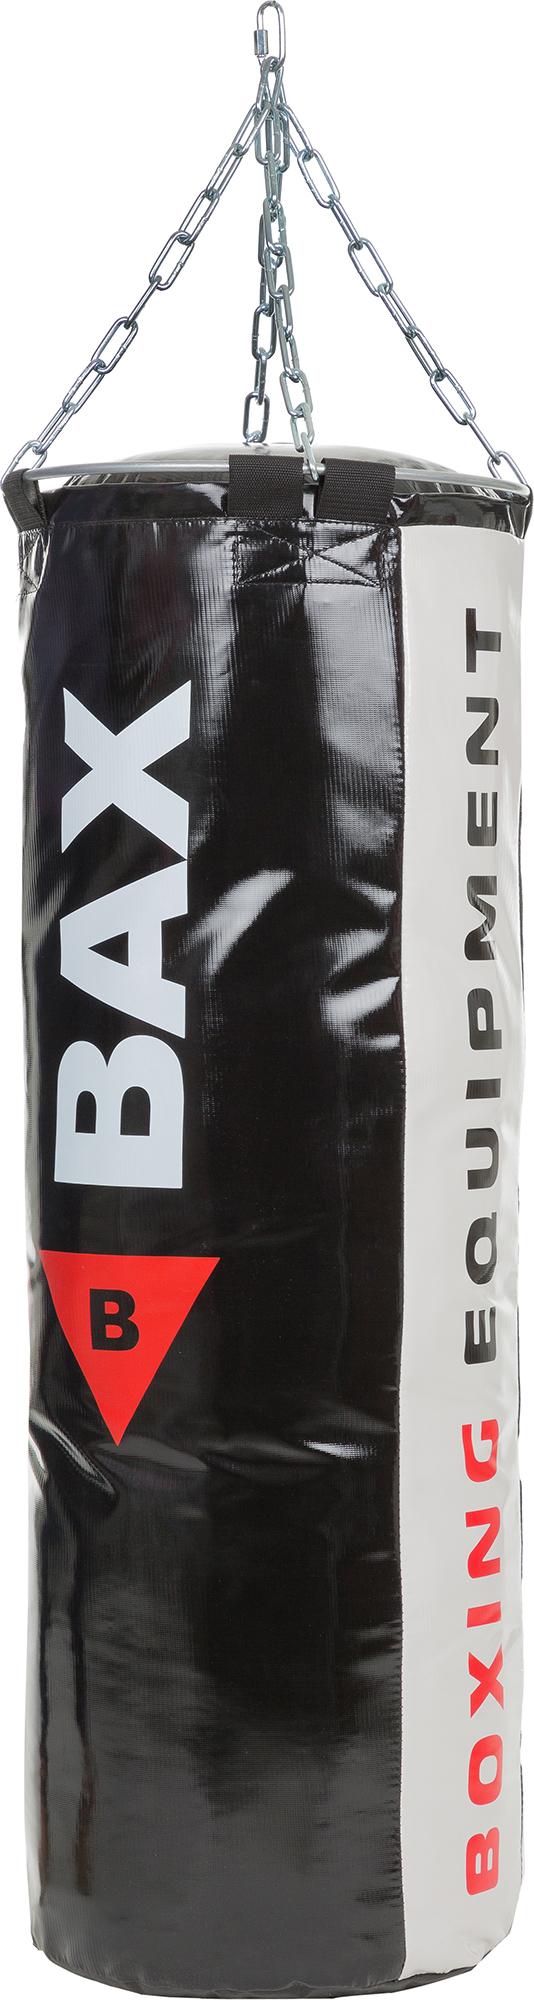 Bax Мешок набивной Bax, 40 кг